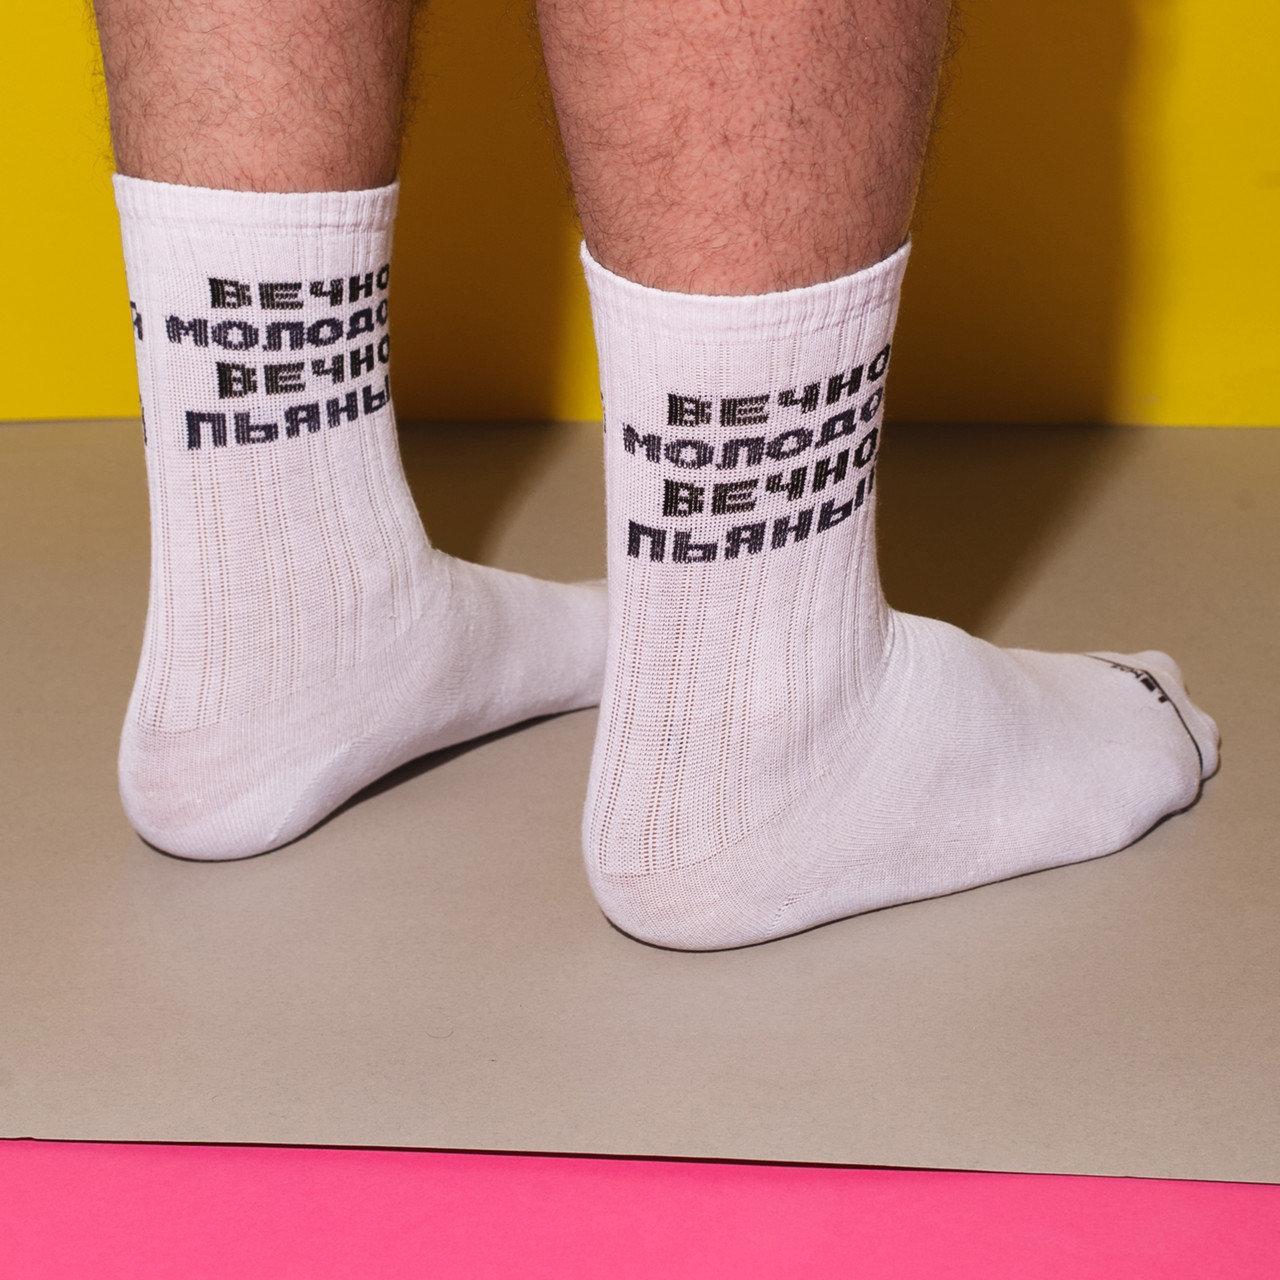 """Ароматизированные носки мужские с принтом """"Вечно молодой, вечно пьяный"""" Premium"""